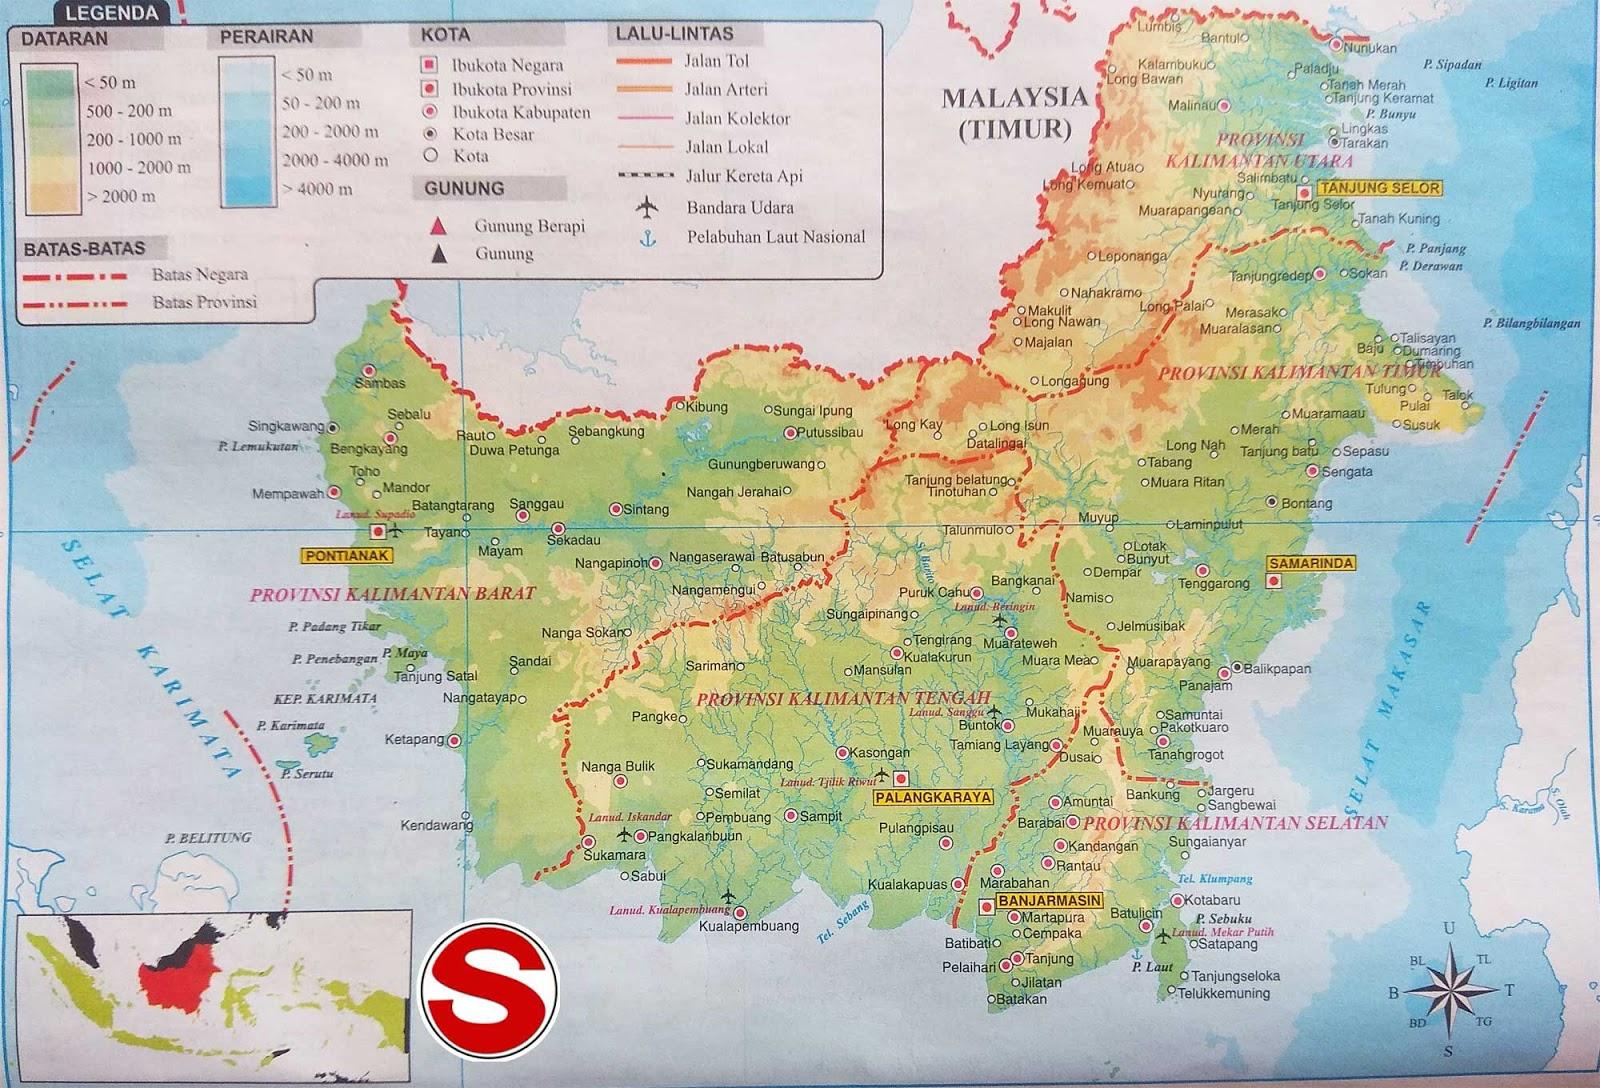 Peta Pulau Kalimantan di bawah ini mencakup peta dataran Peta Pulau Kalimantan